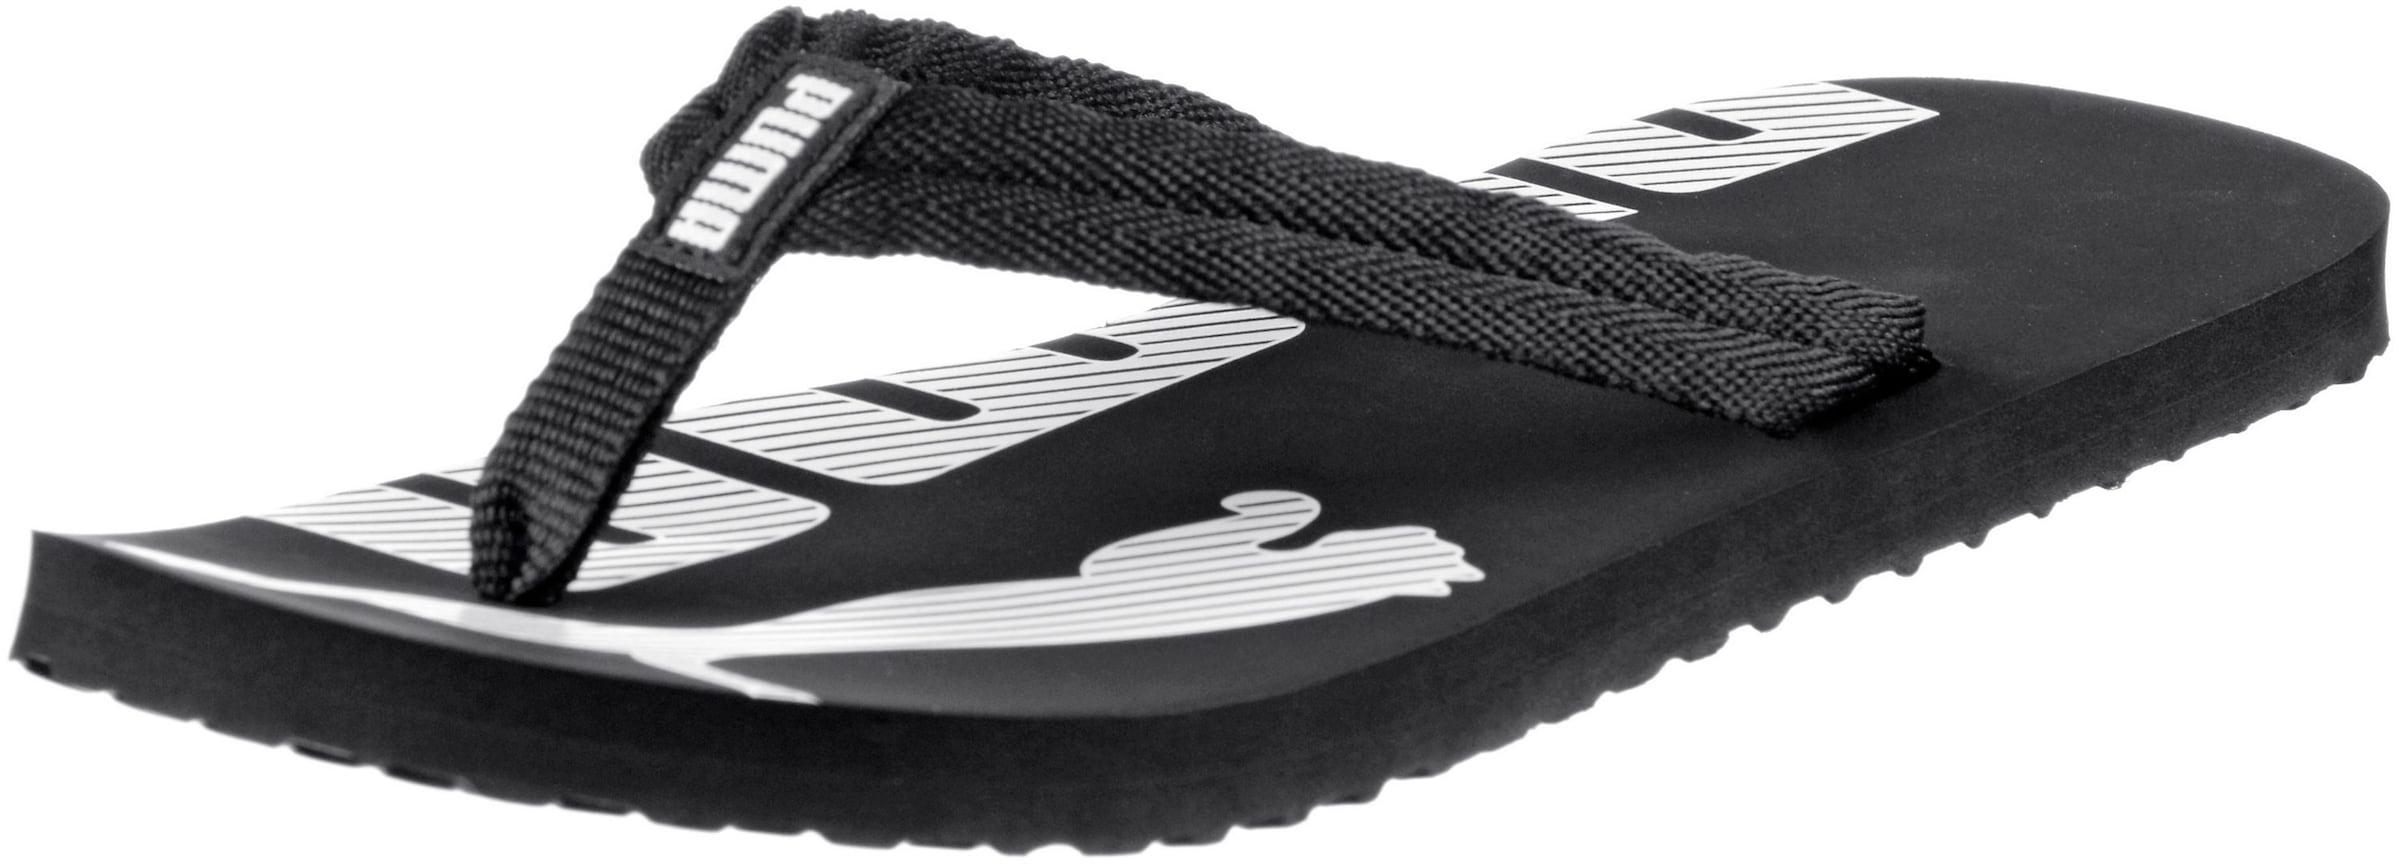 PUMA | 'Epic Flip v2' Zehensandalen Schuhe Gut getragene Schuhe